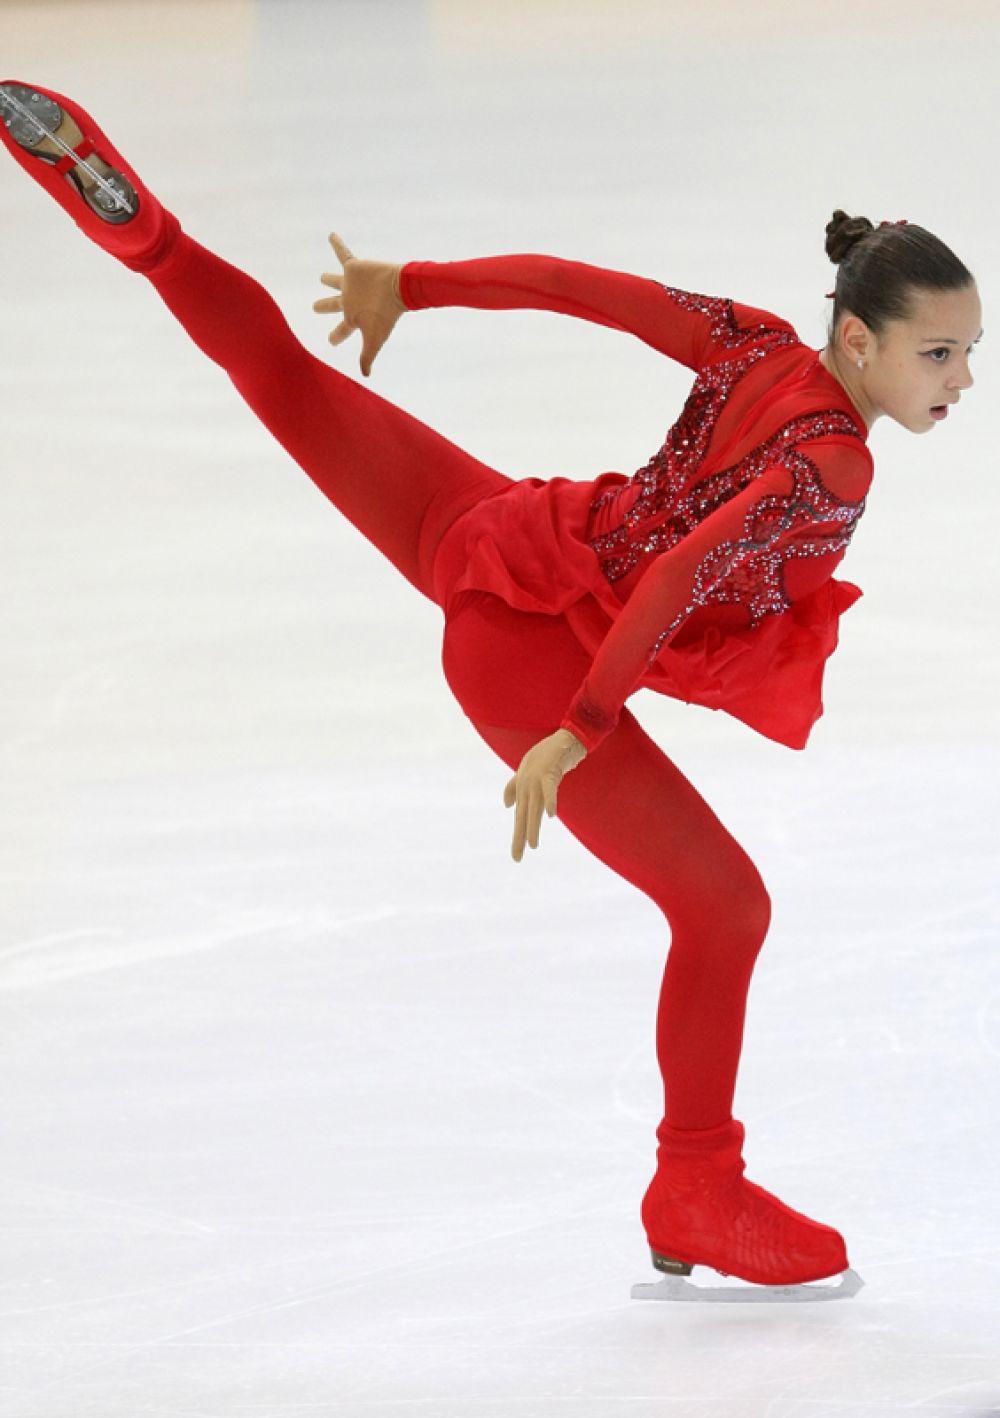 Фигуристка Аделина Сотникова выступает с короткой программой в женском одиночном катании на Чемпионате России по фигурному катанию. 2011 год.